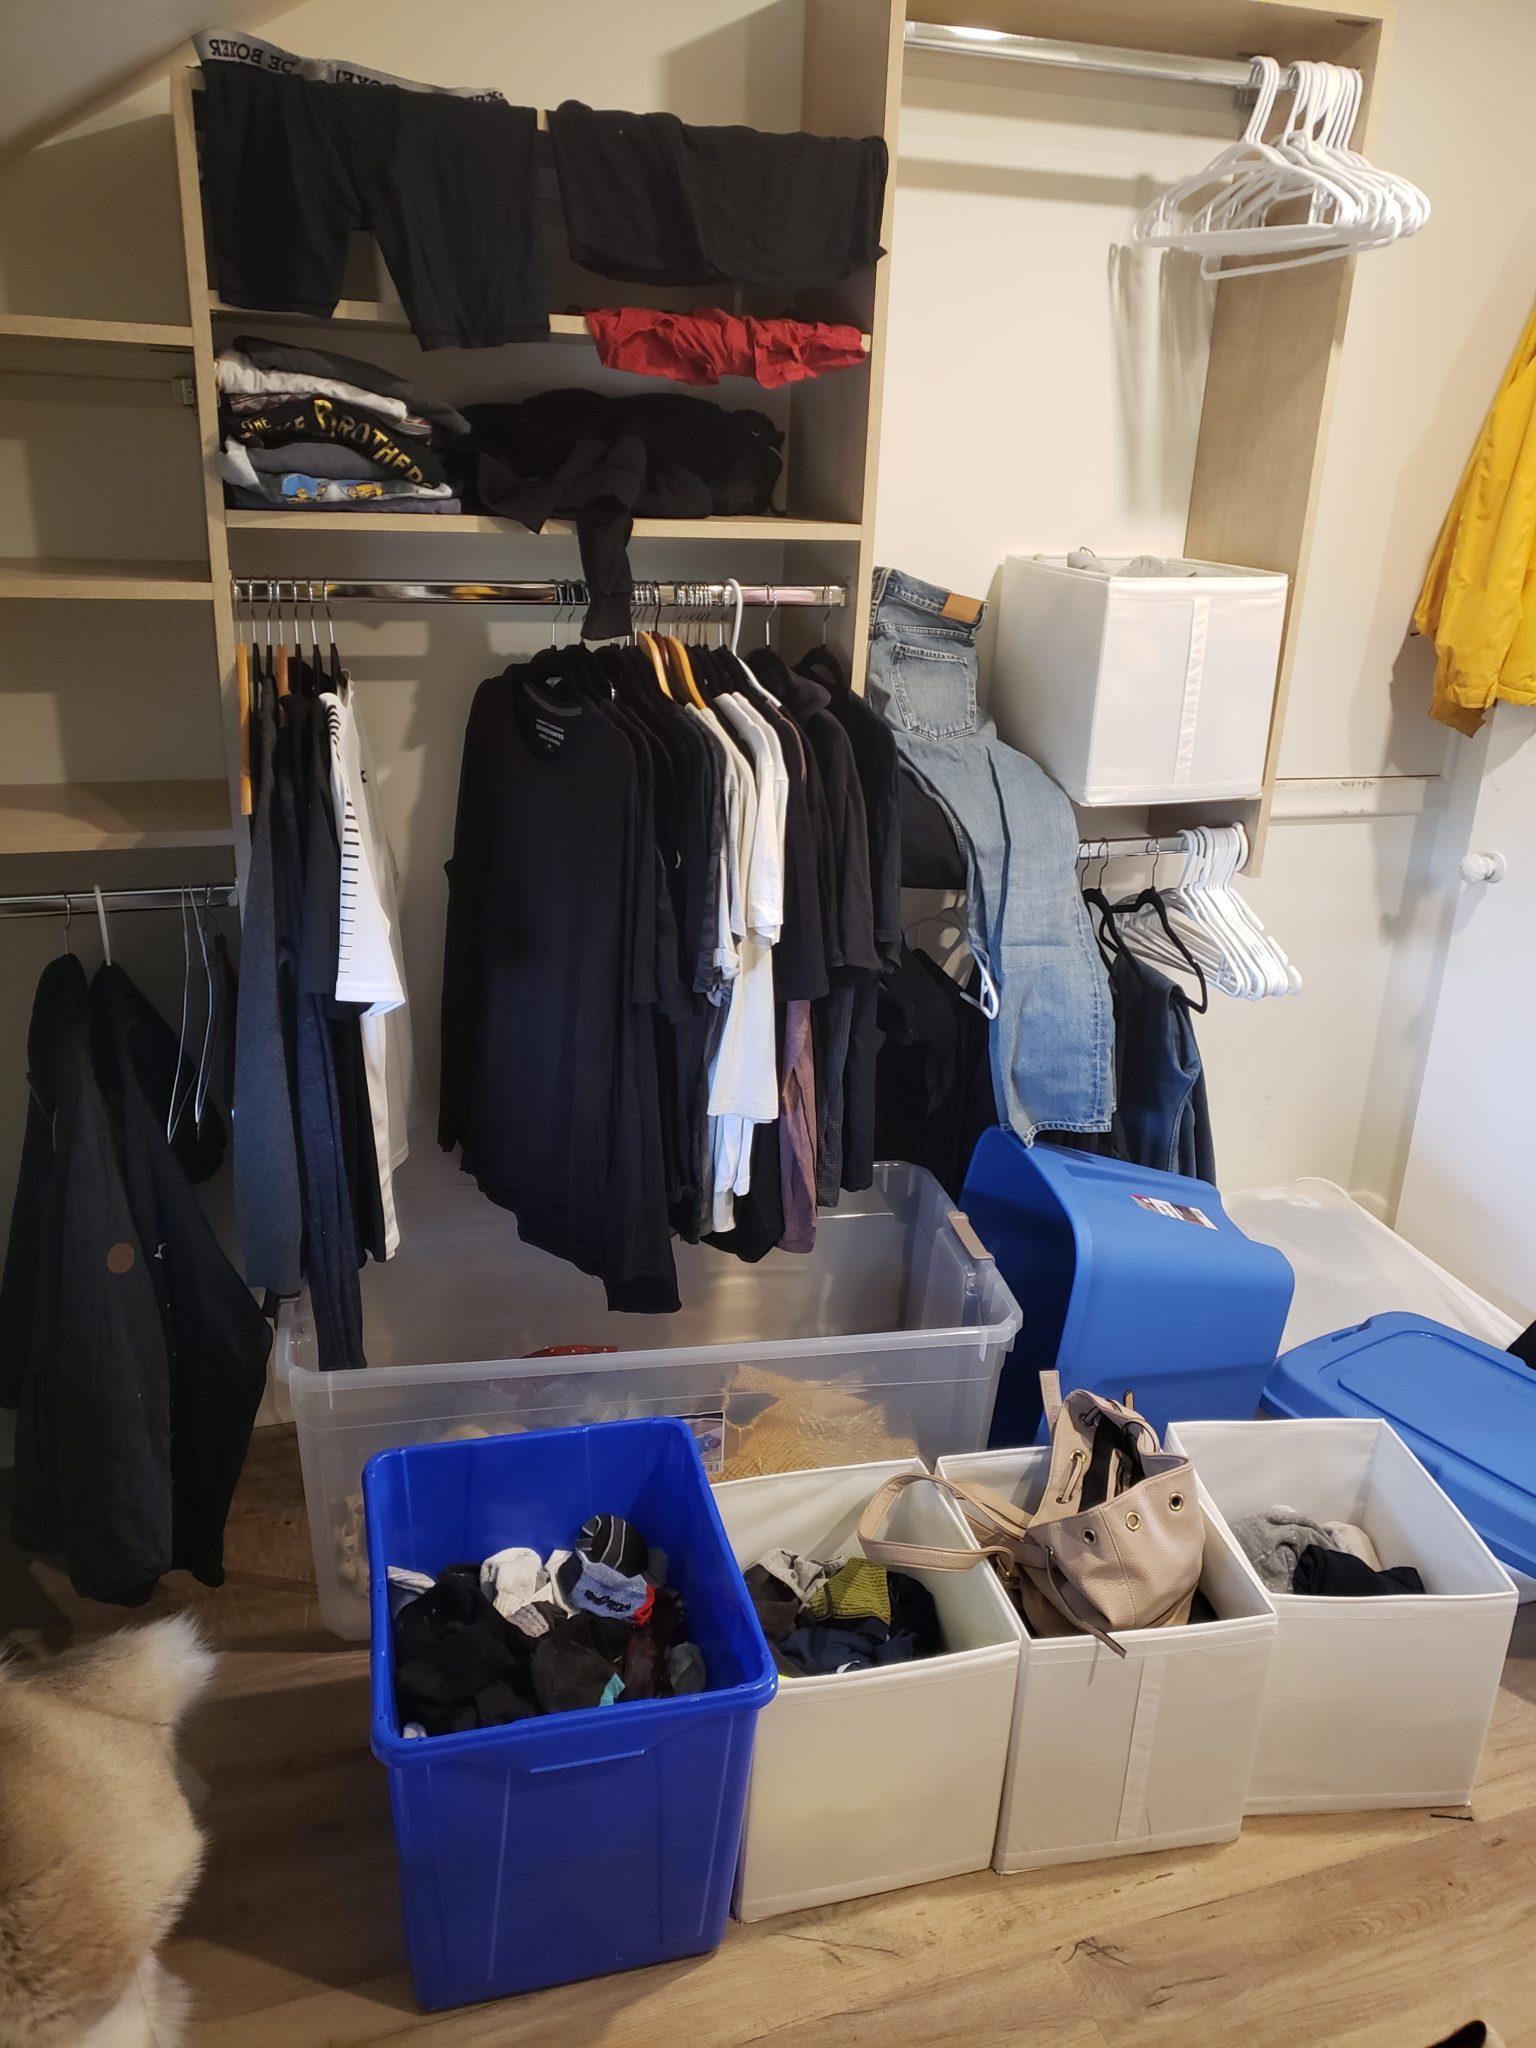 Home closet - Before